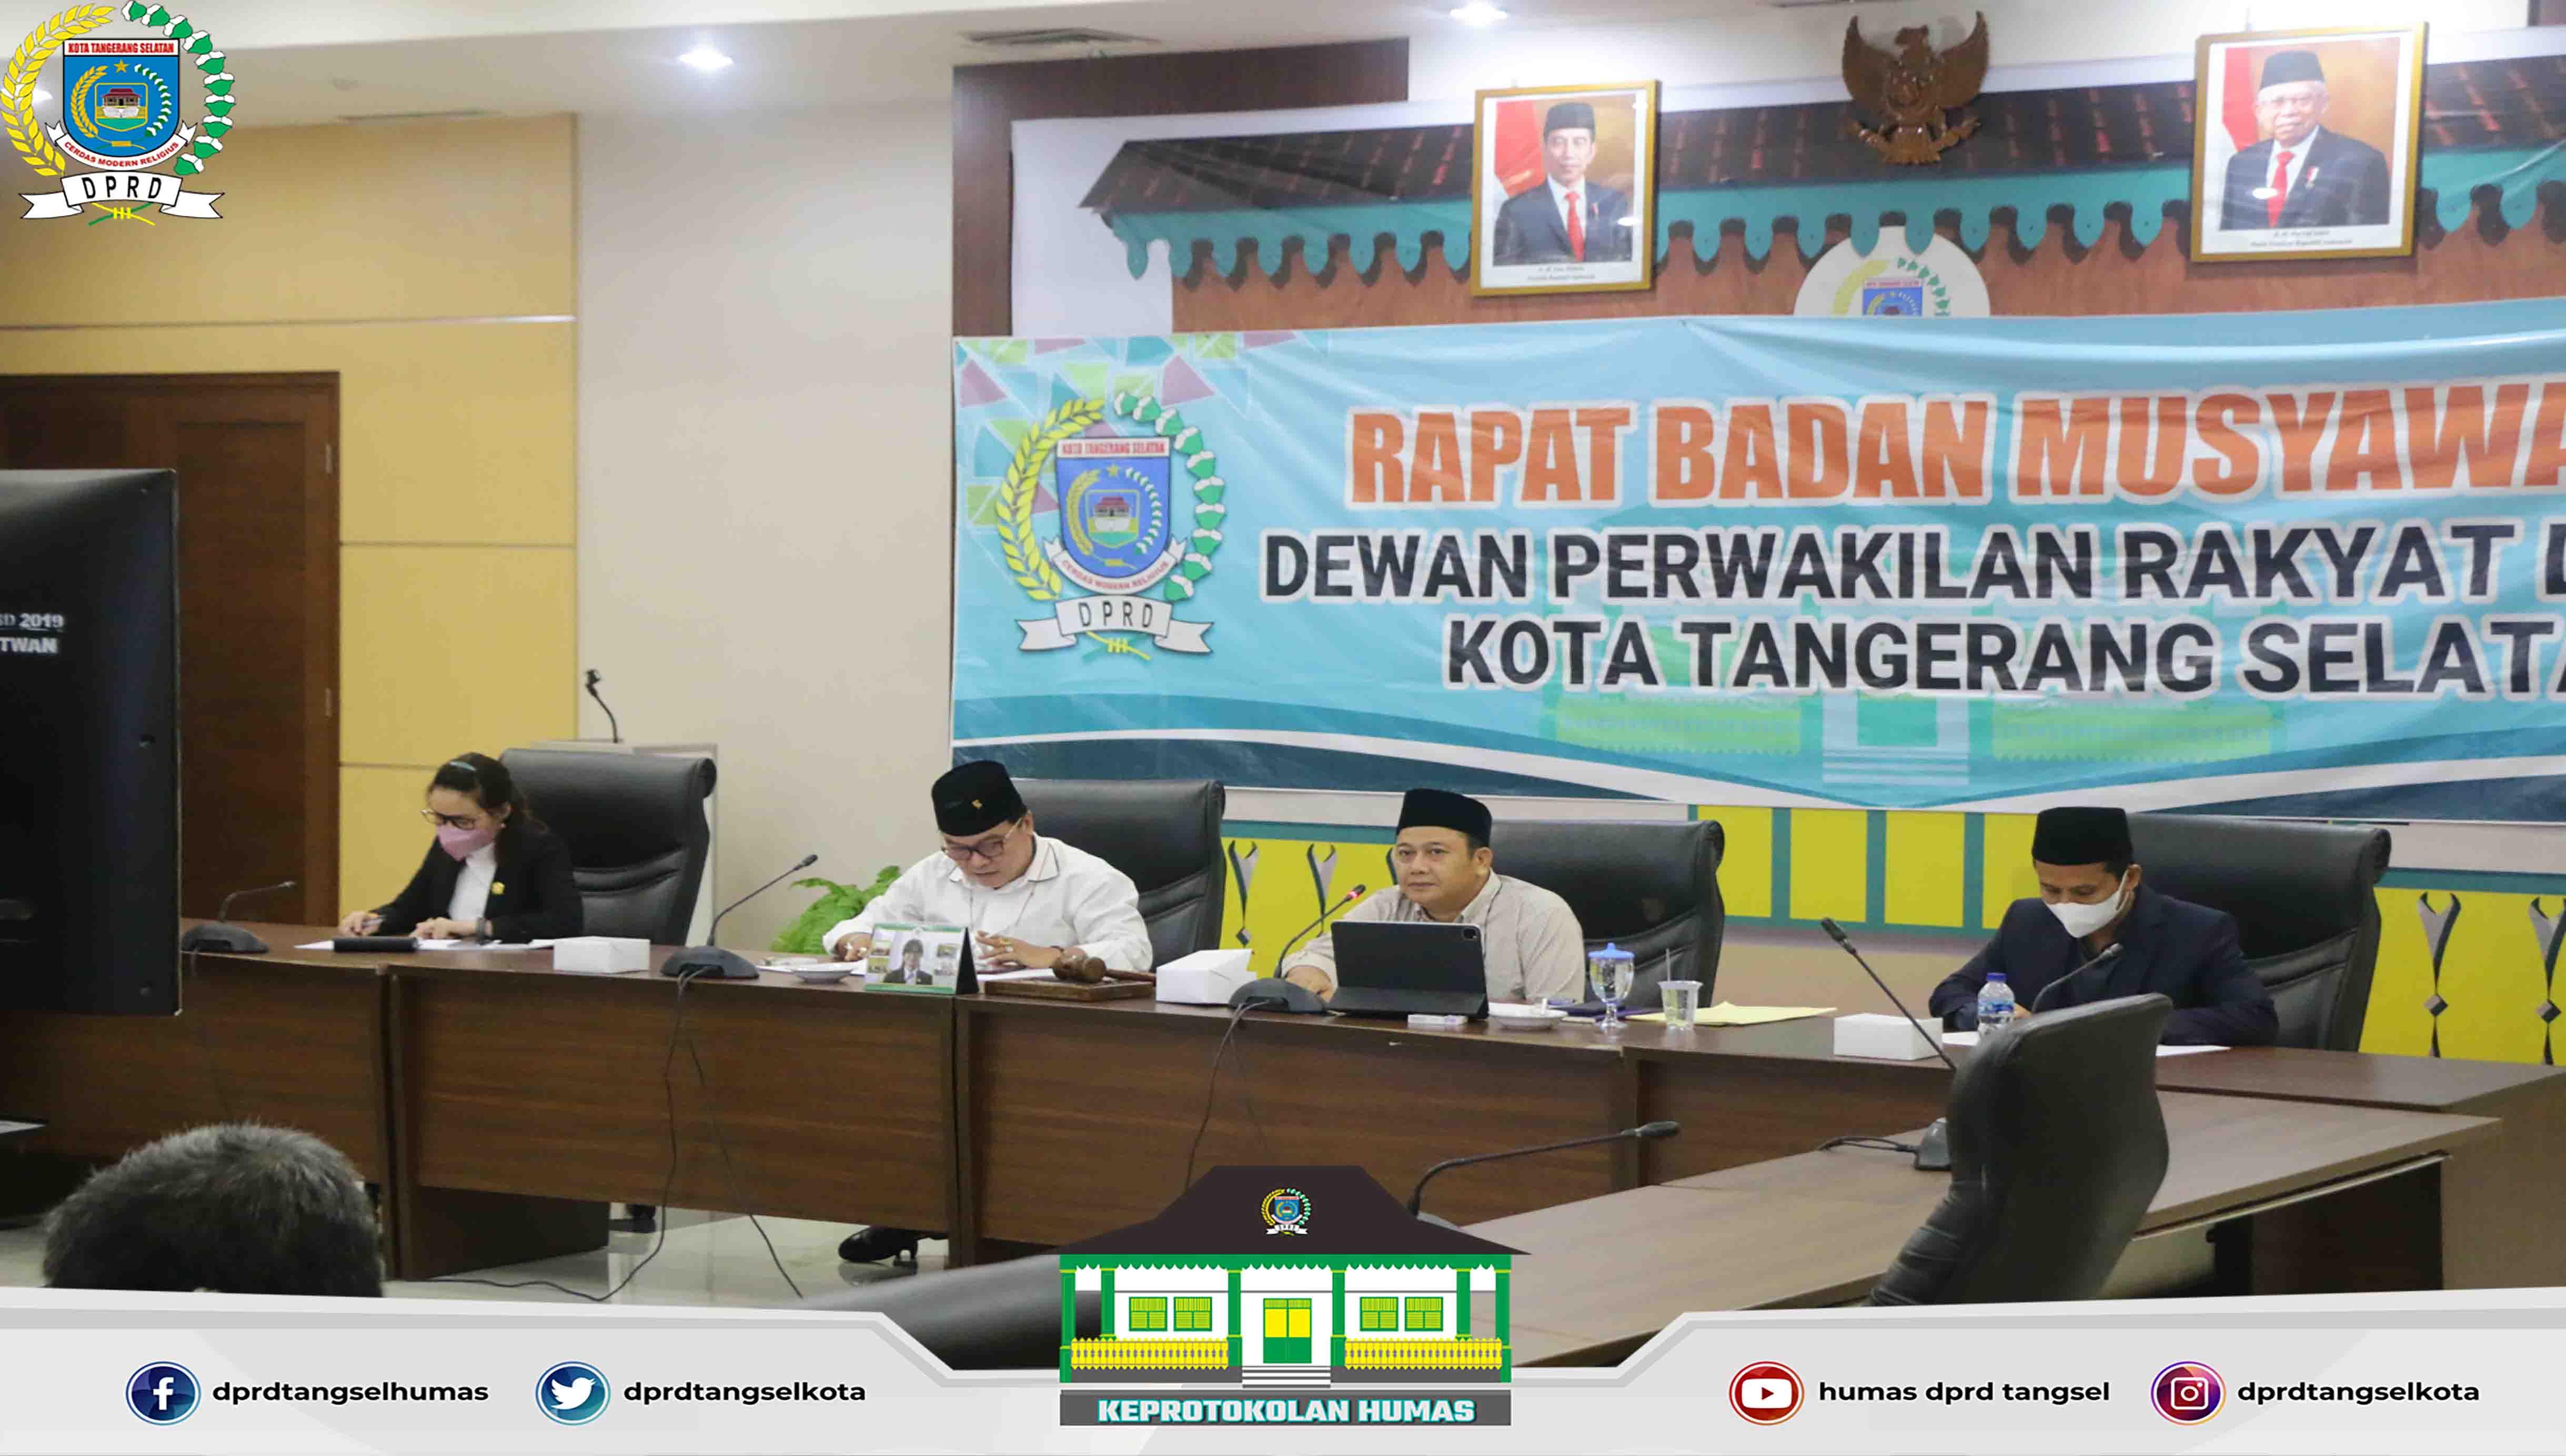 Badan Musyawarah Gelar Rapat Perihal Penjadwalan Alat Kelengkapan DPRD